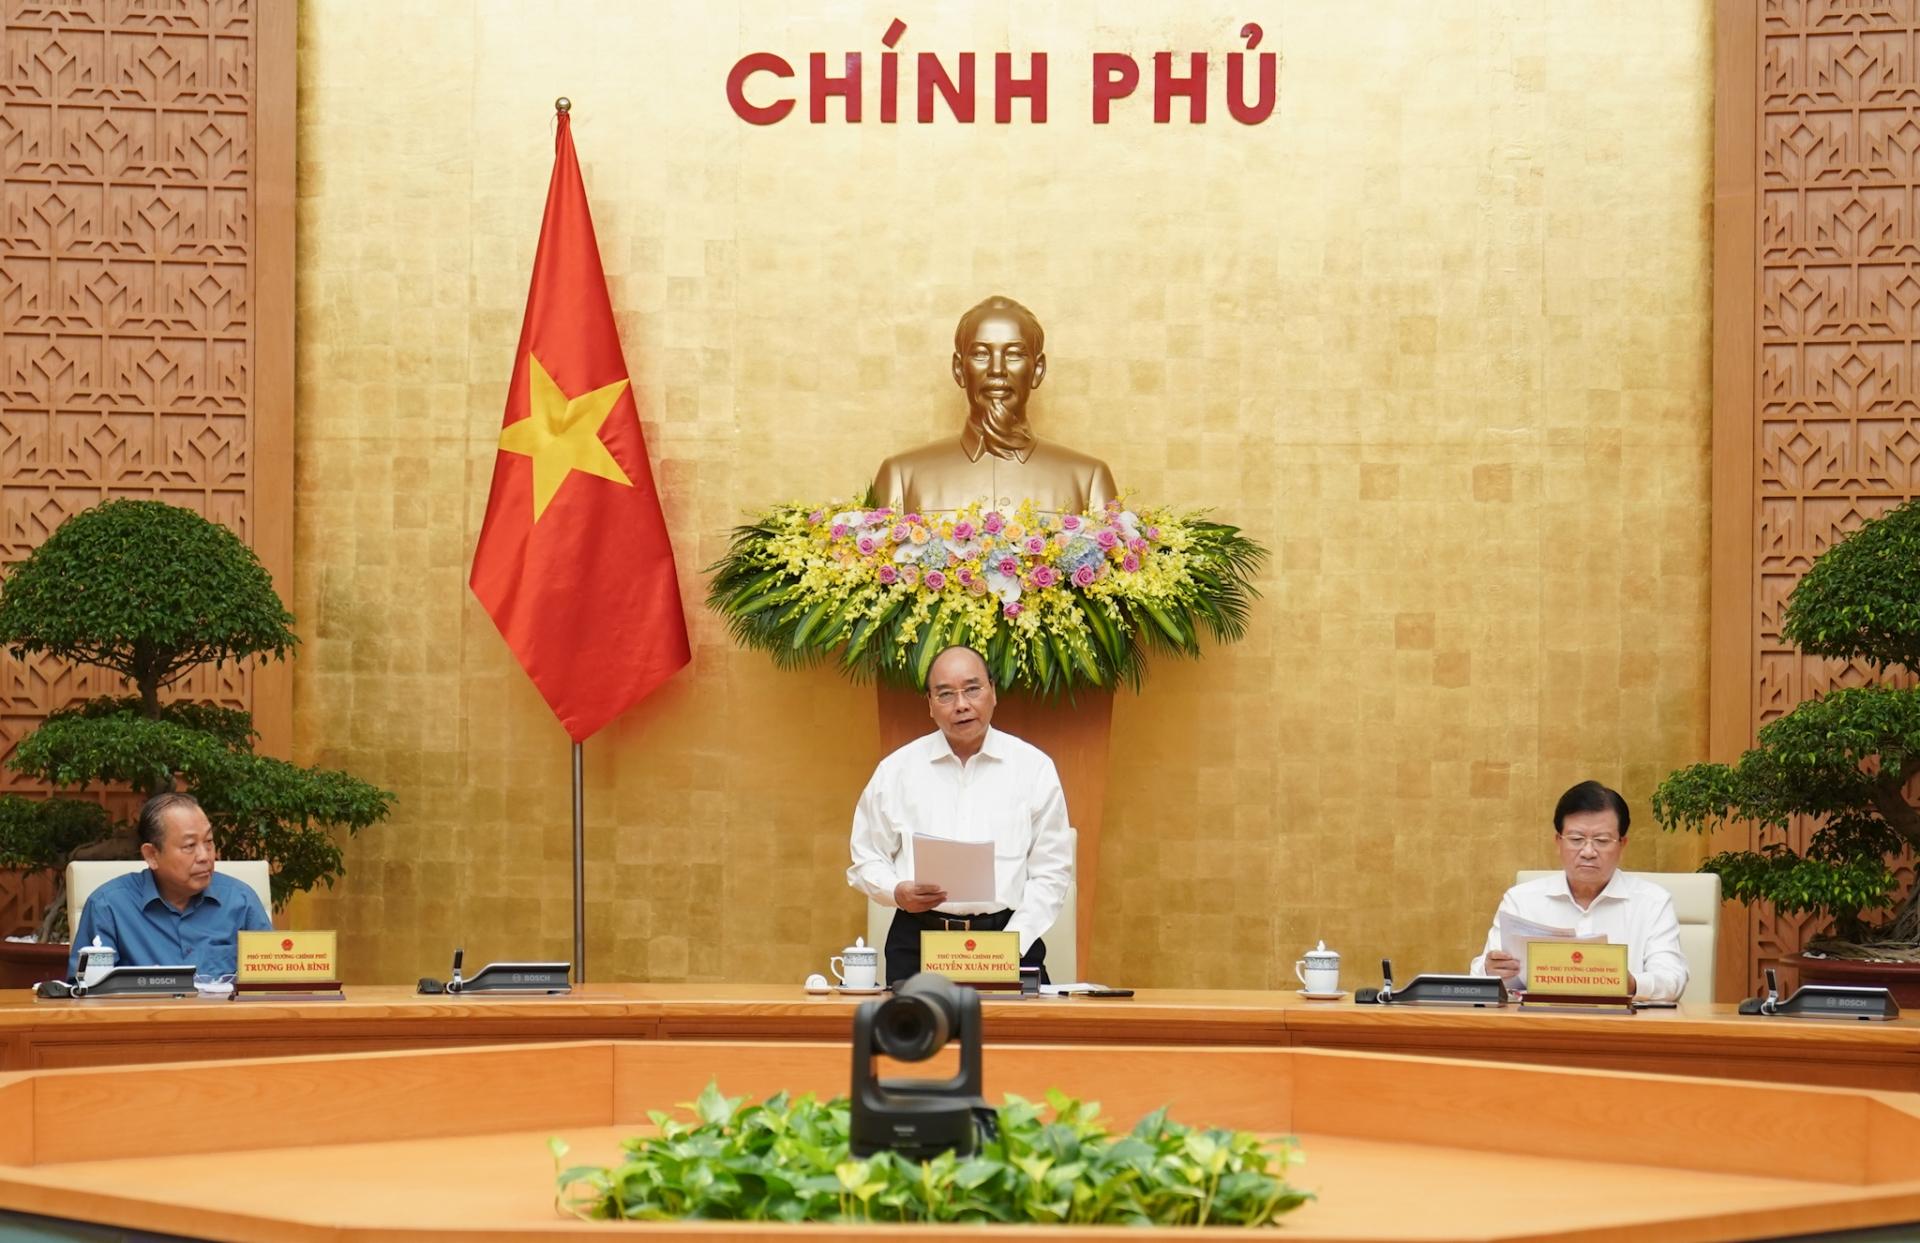 thu tuong chu tri hop chinh phu chuyen de xay dung phap luat